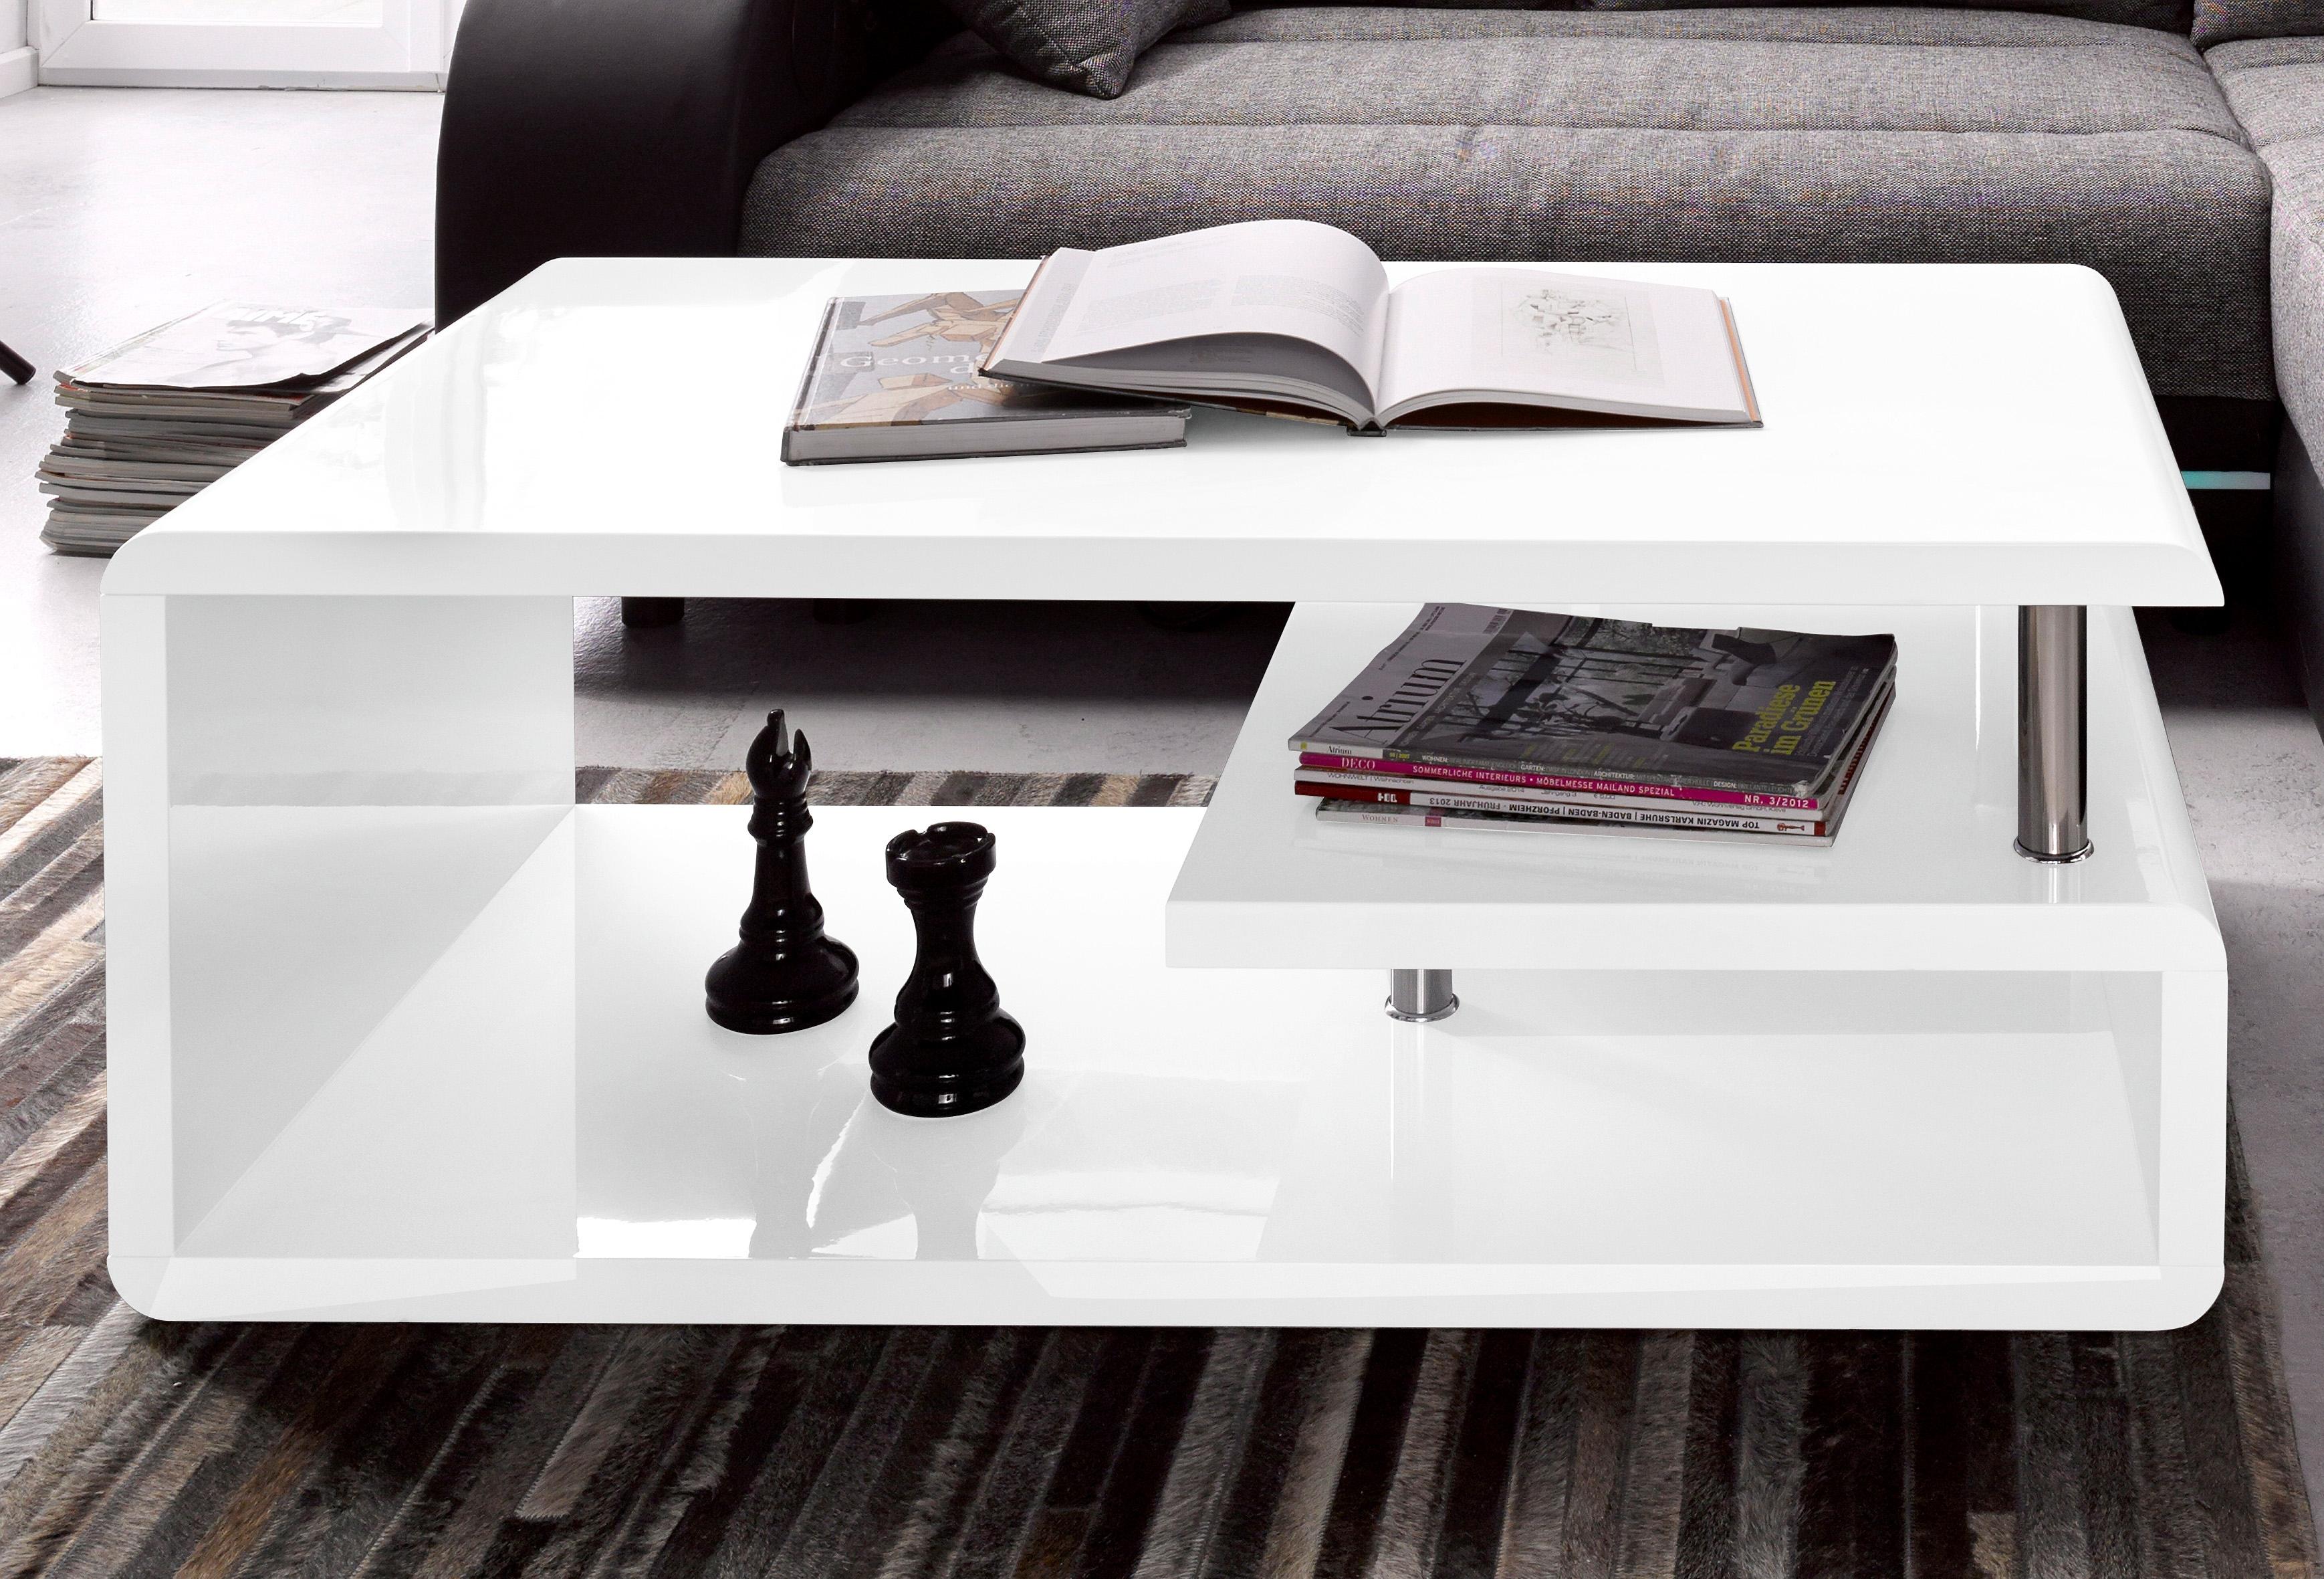 Witte Vierkante Salontafel Met Lade.Witte Salontafels Online Kopen Bekijk De Collectie Otto